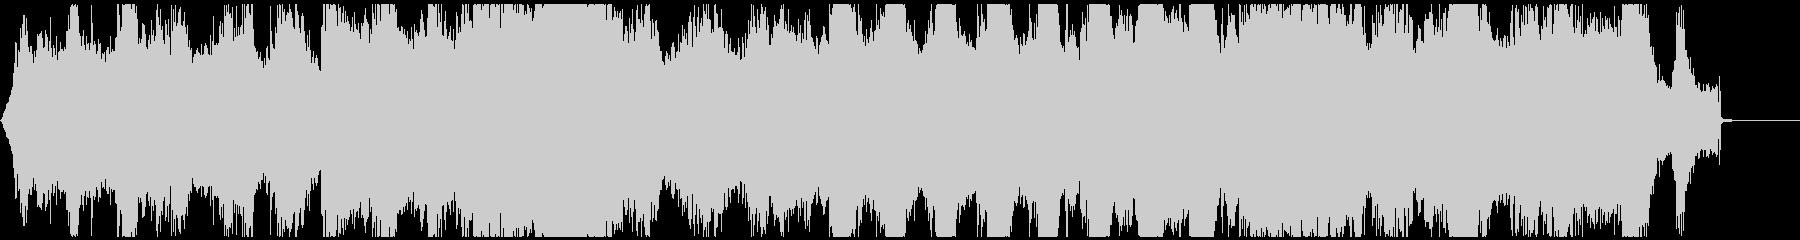 怪しく不気味なニュアンスのBGMの未再生の波形